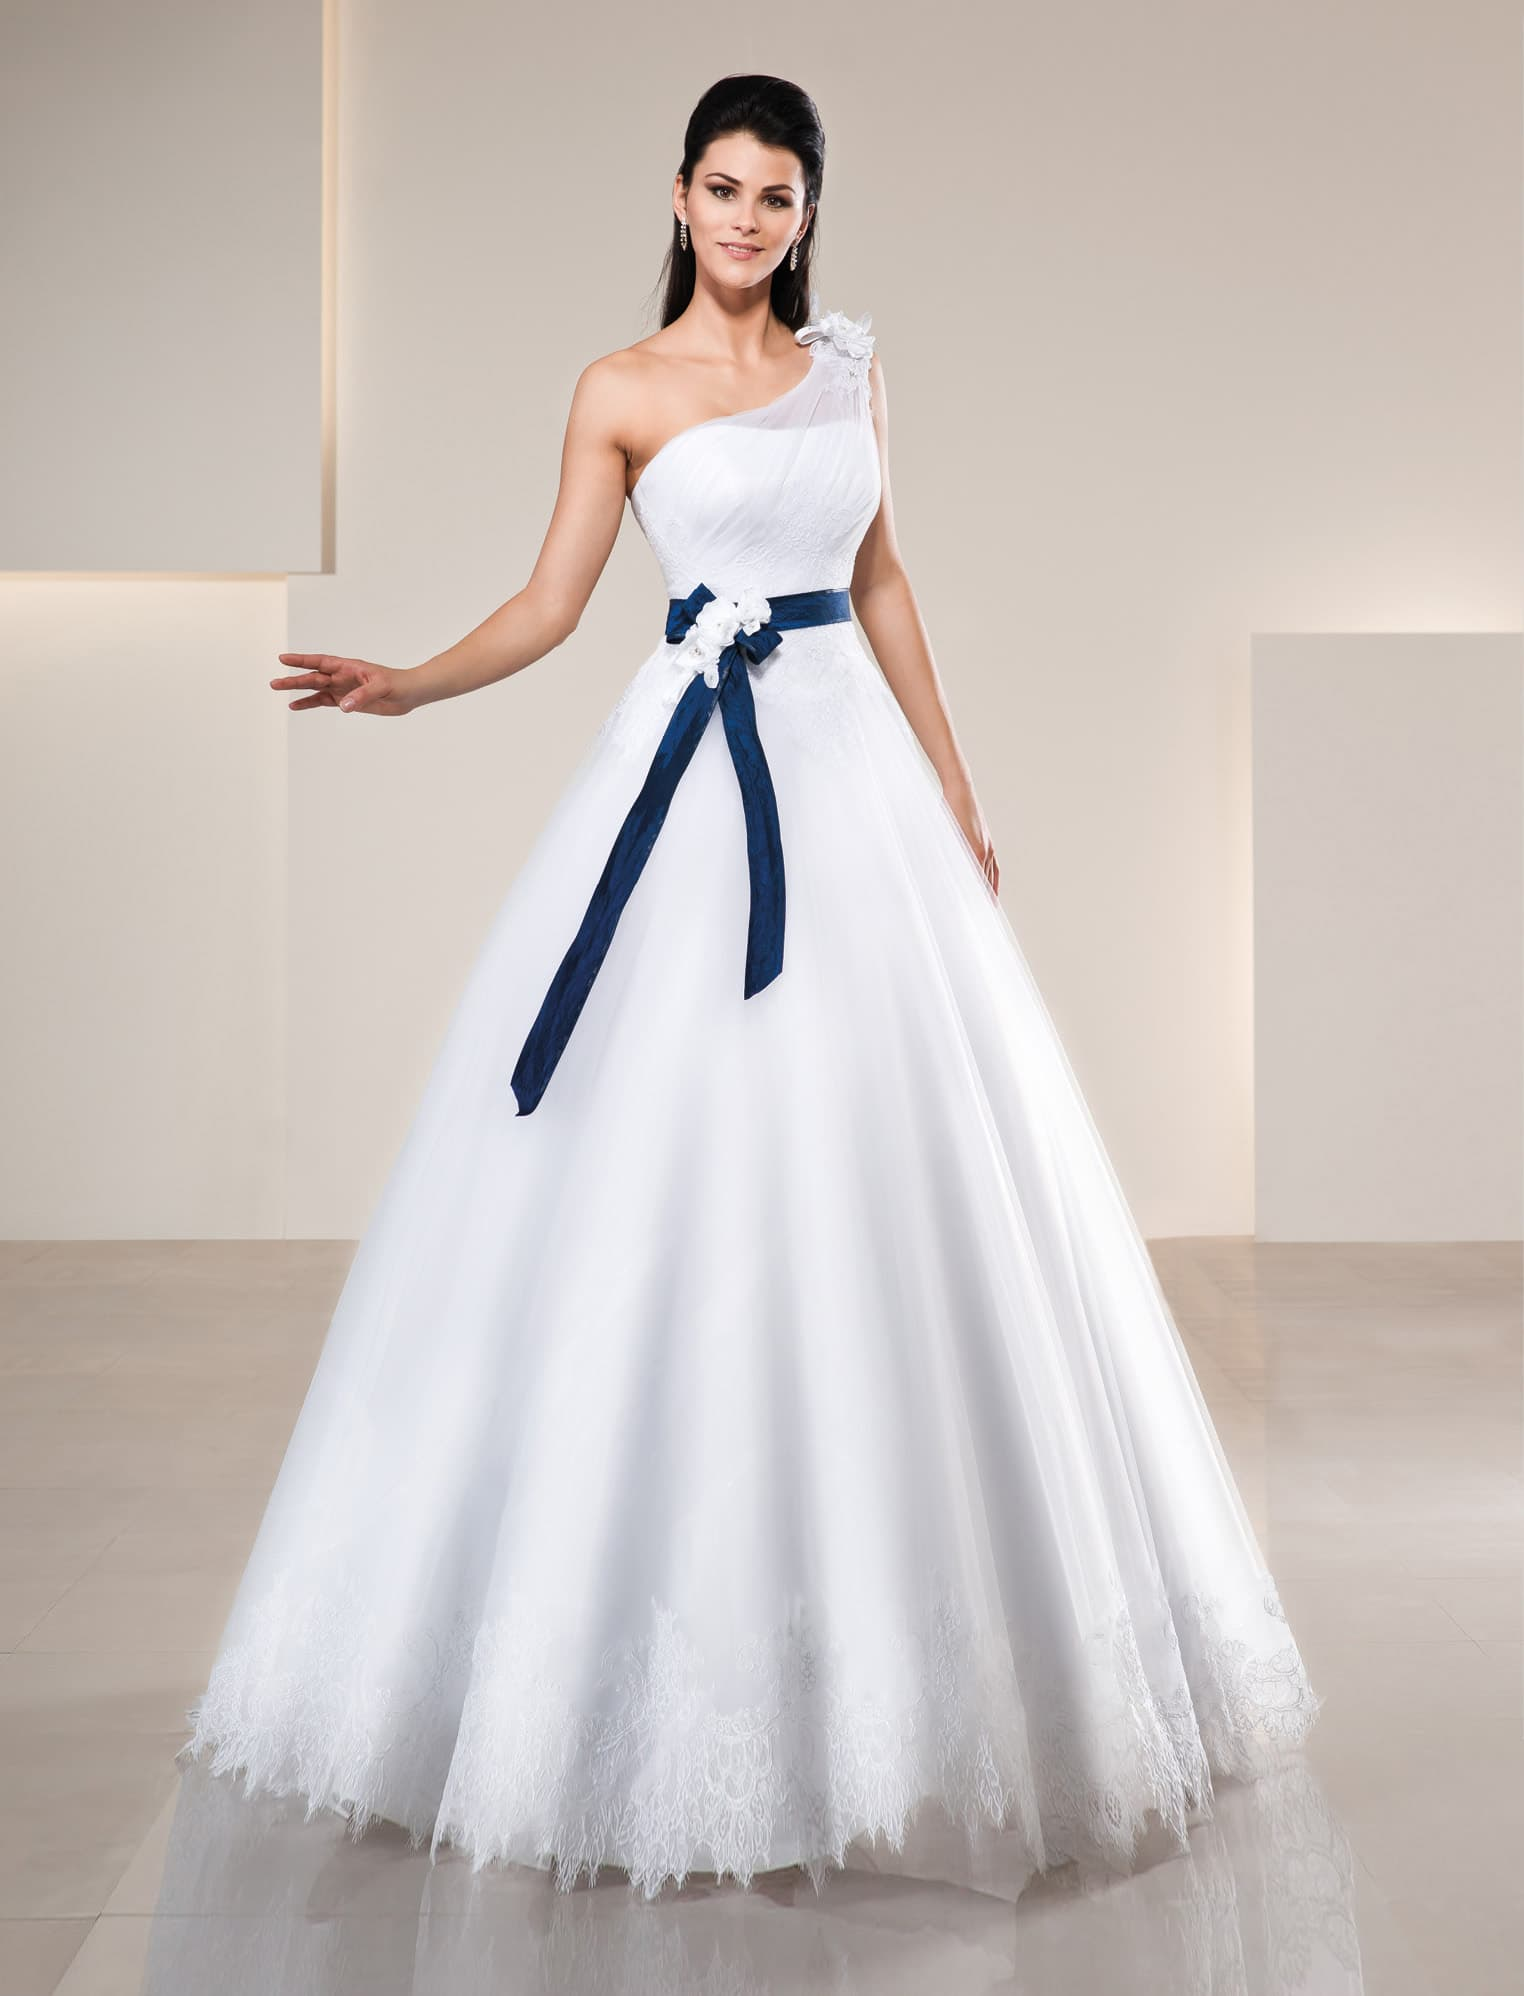 99c06ec47c6 Элегантное свадебное платье с синим атласным поясом на талии и  асимметричным лифом.